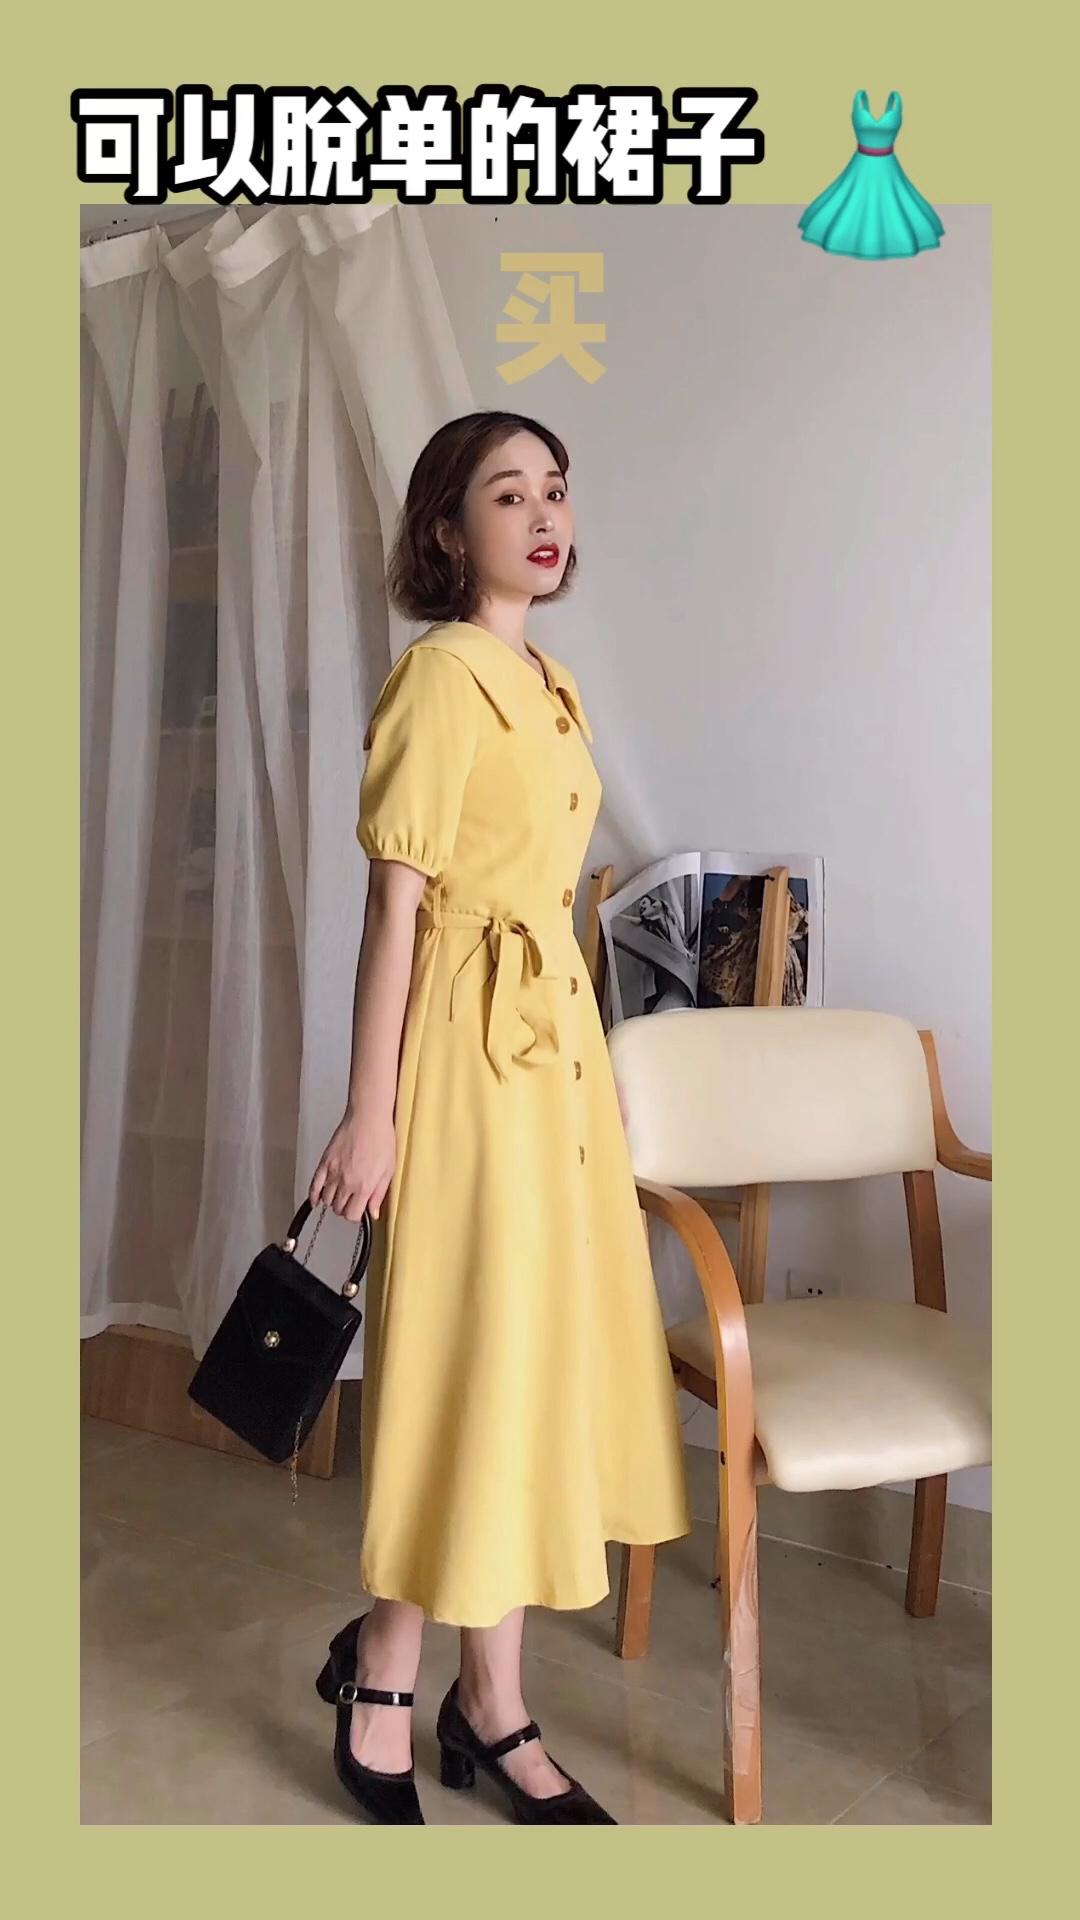 法式复古风鹅黄色连衣裙上身效果太美惹,炒鸡显白的,收腰显瘦,高腰线显个,翻领甜美又减龄,炒鸡完美的一天裙子👗,适合约会,走起!!#穿上这条裙子,我脱单了!#